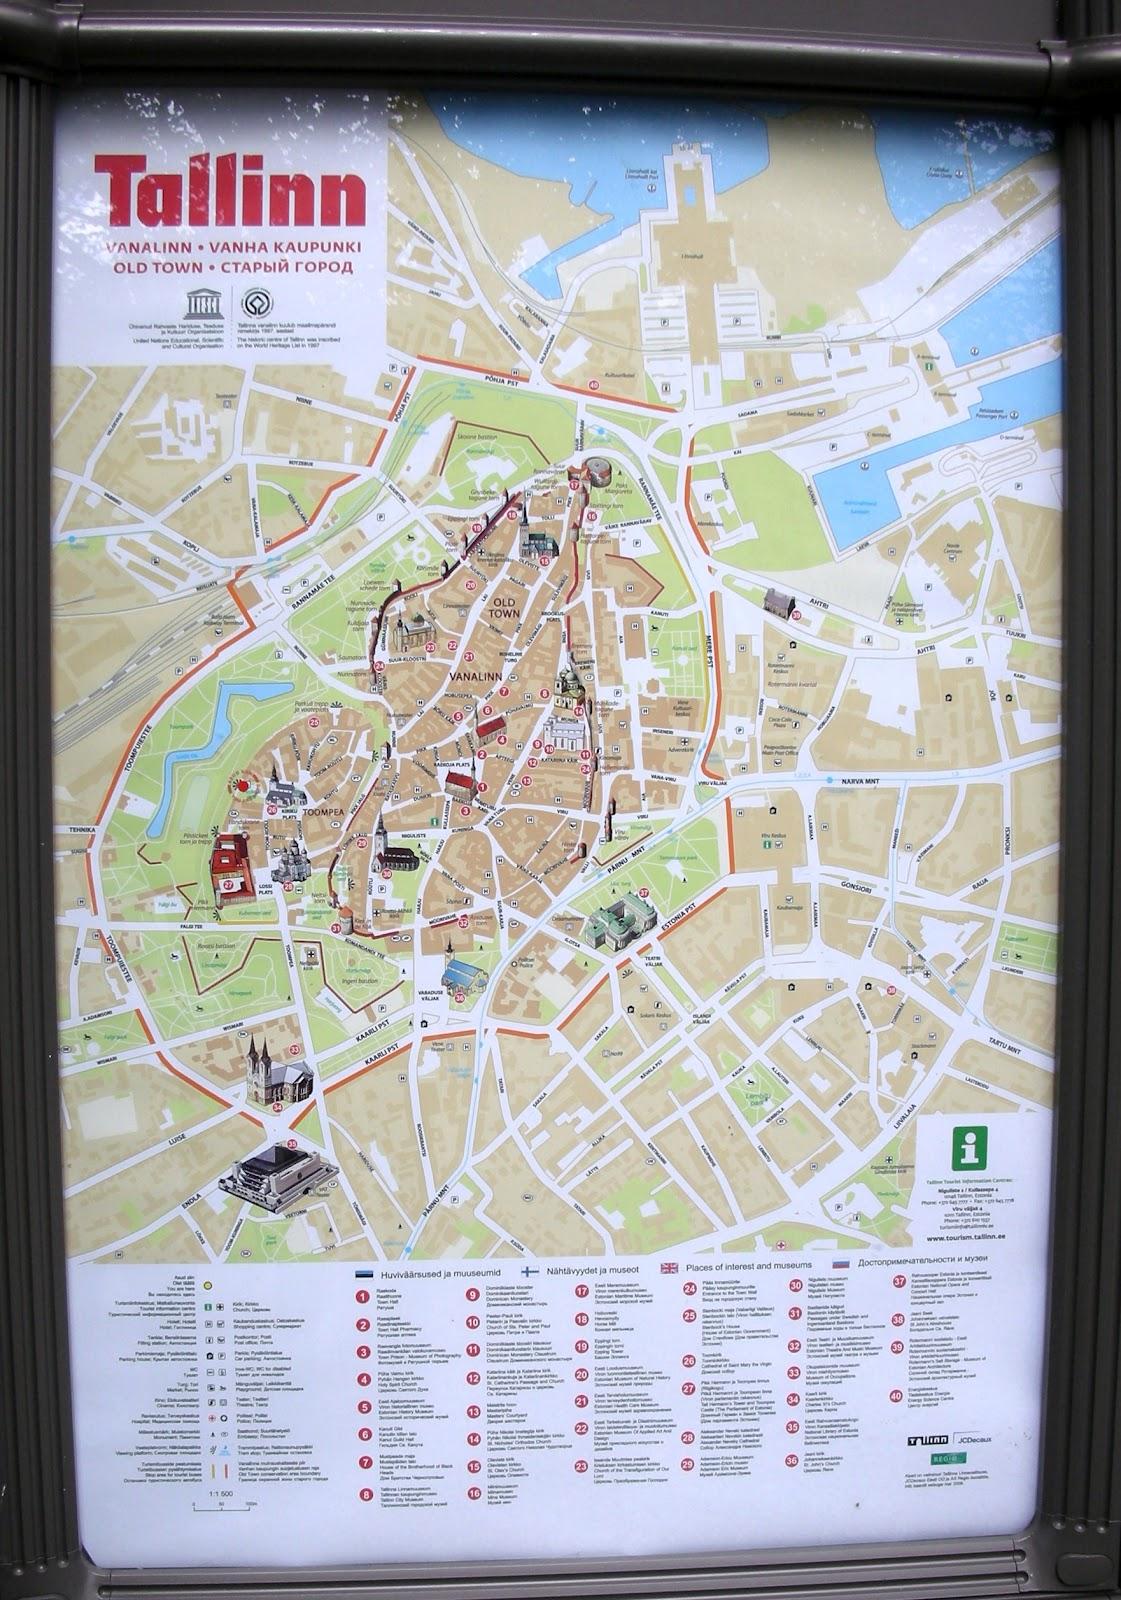 kart over tallinn Ihnaya: Tallinn, Estland   Spa kart over tallinn